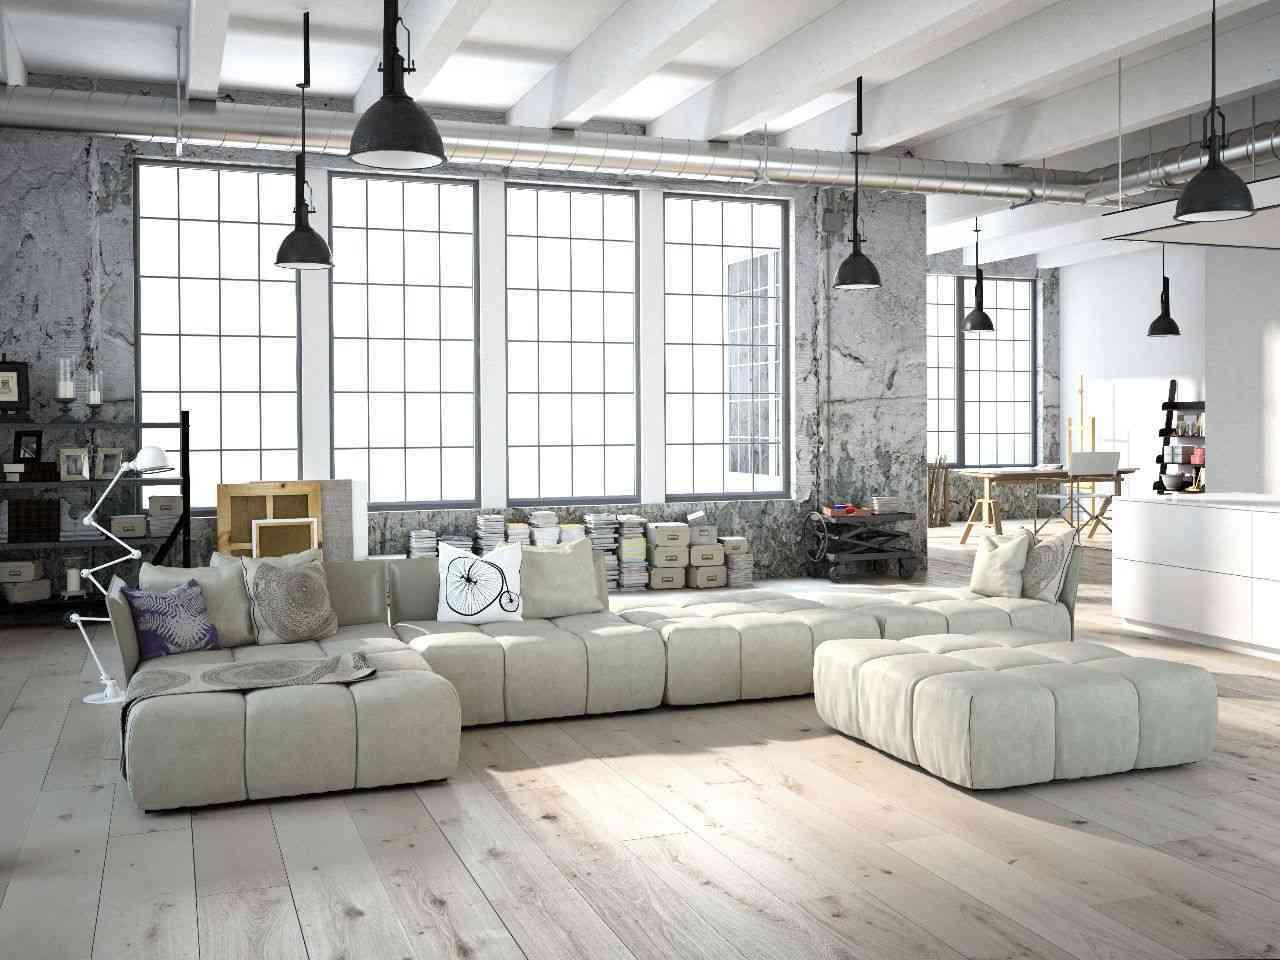 Nuevas tendencias en decoracion de interiores latest - Nuevas tendencias en decoracion de interiores ...